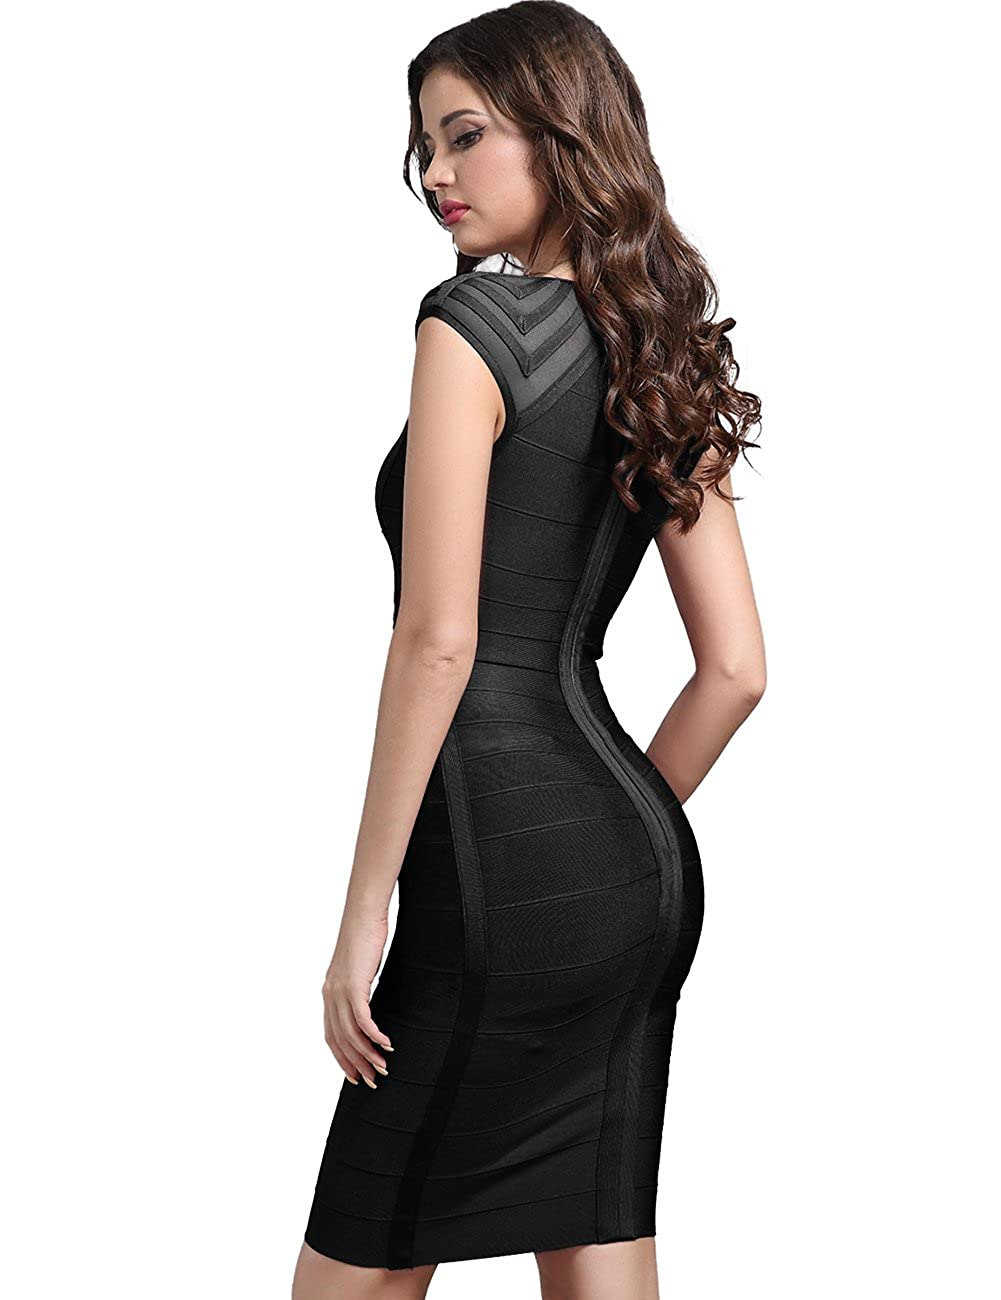 ffe68a9462 Adyce Mujer Bandage-Dress Ropa Disfraz Sexy Vestido Rojo Tipo Midi Mostrar  Mostrar Elegancia britš¢nica Antes de la Boda (Black